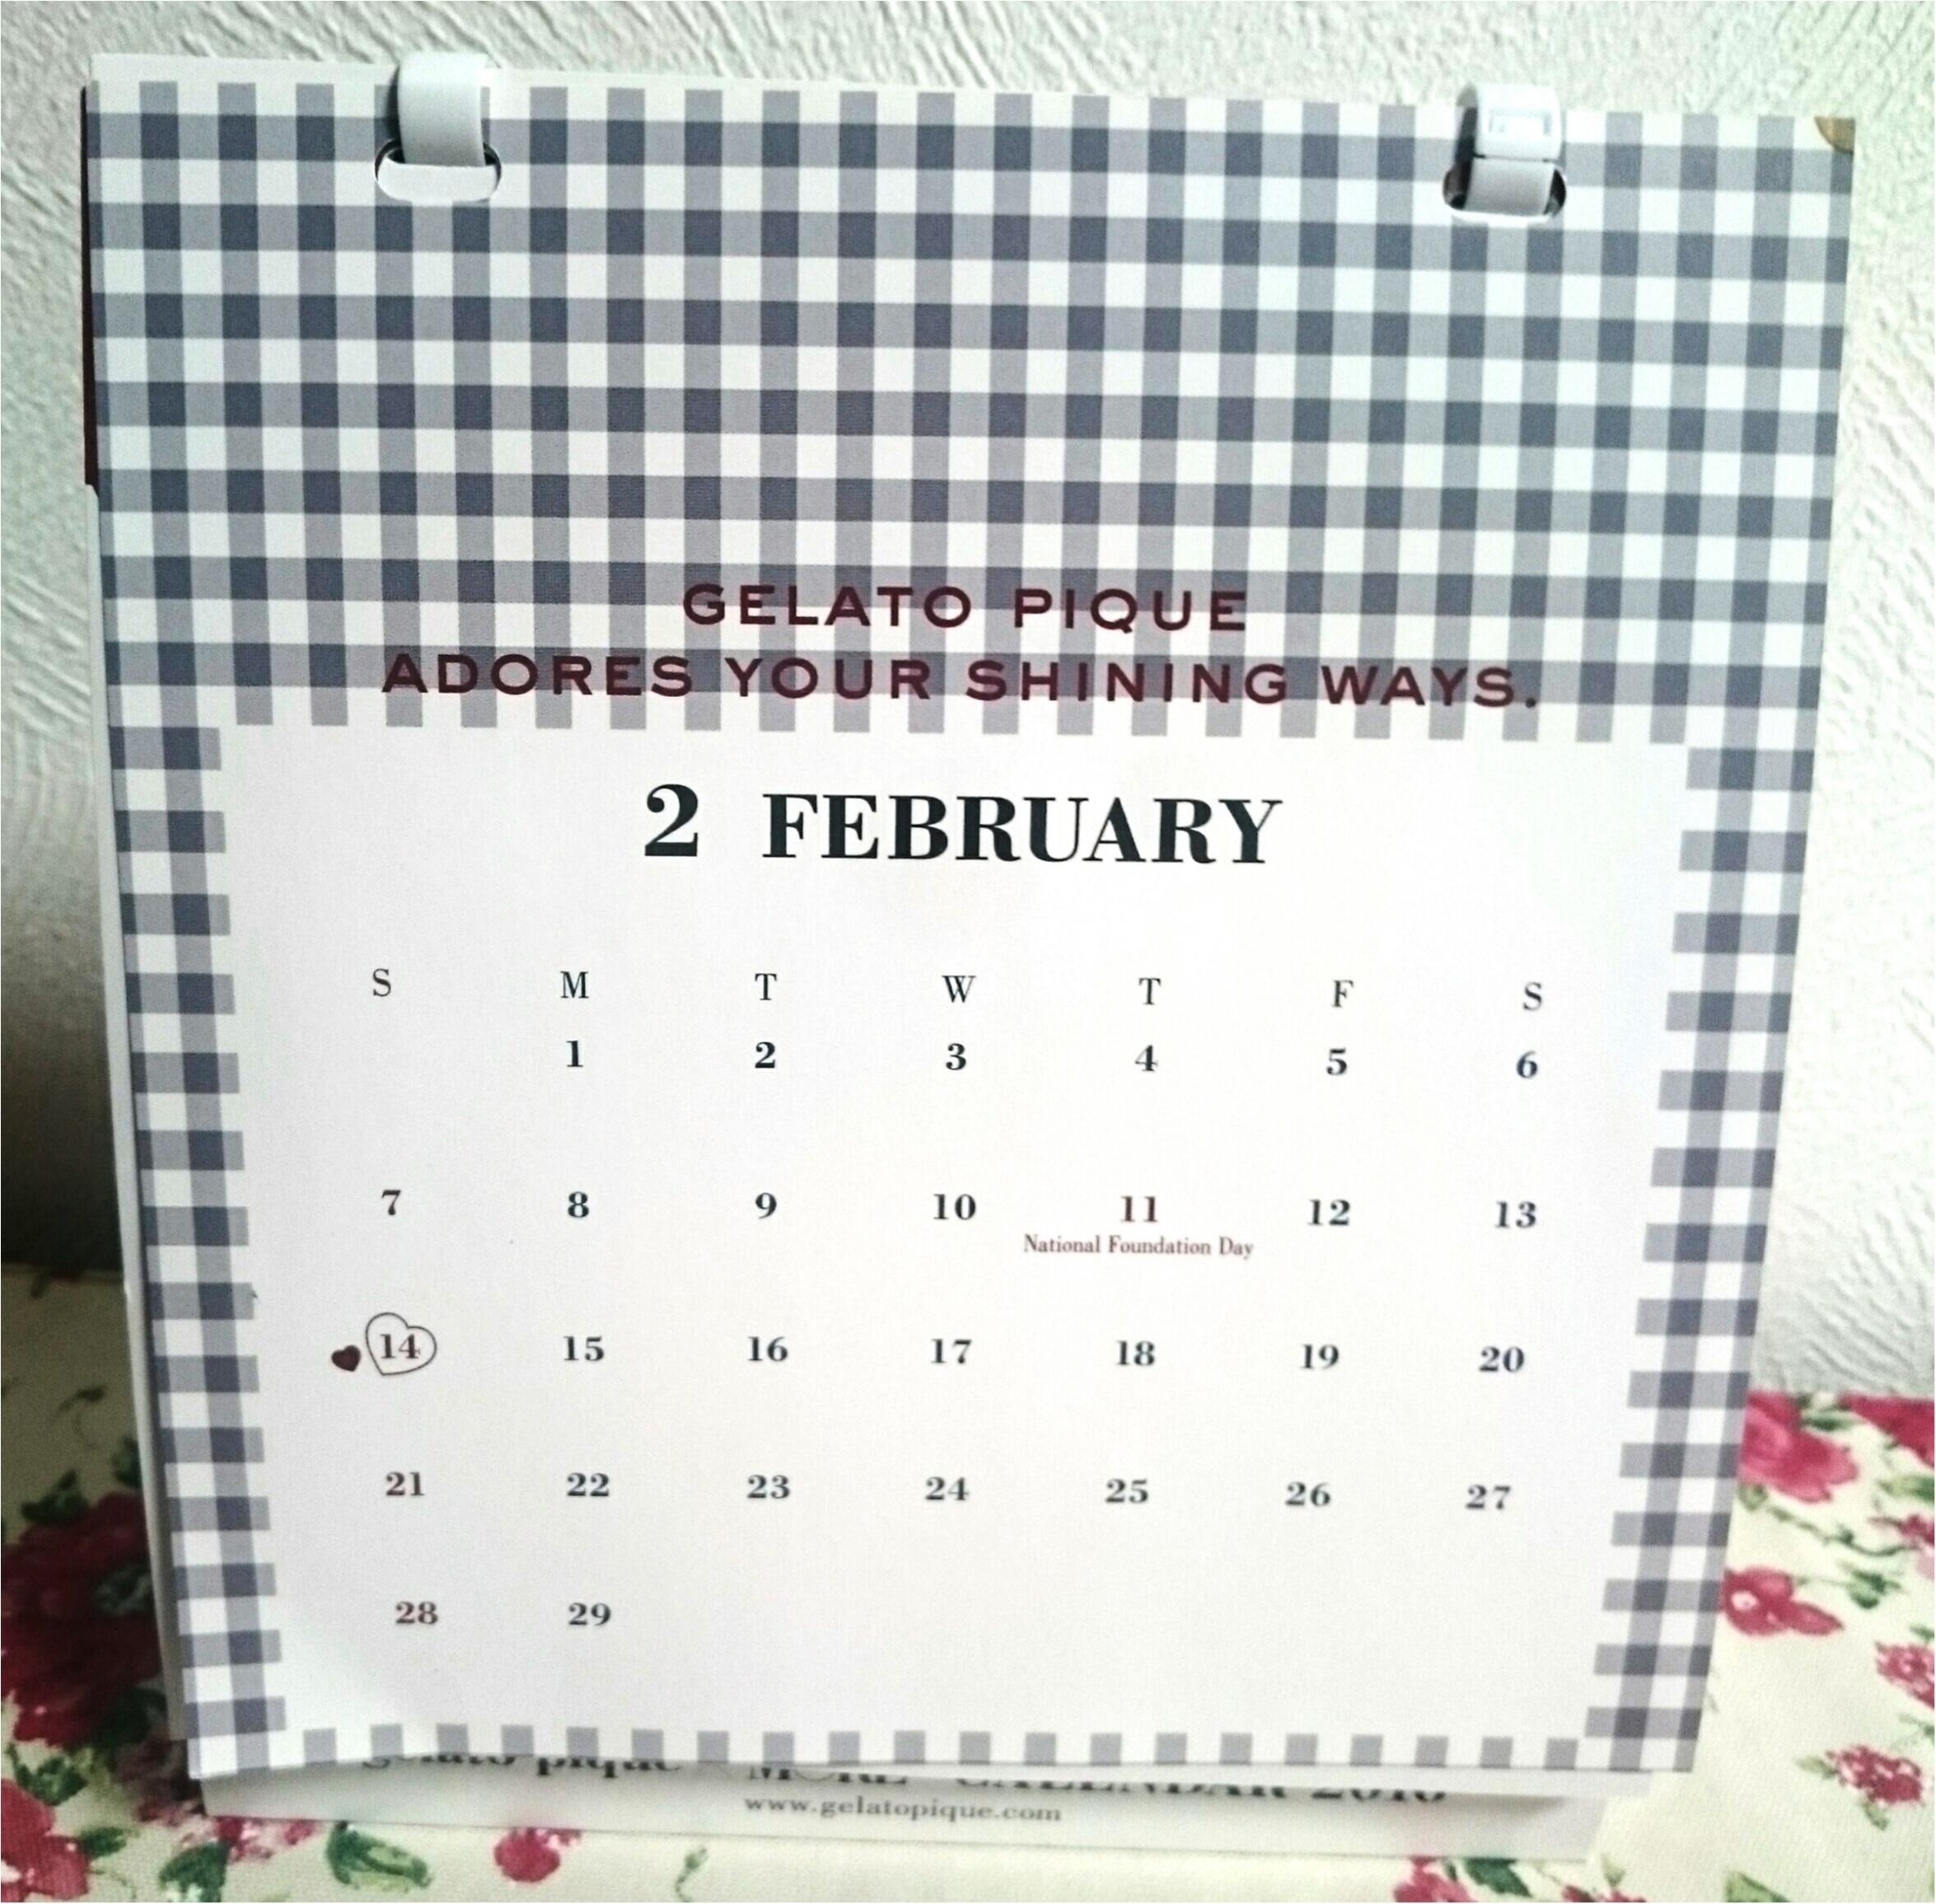 ☆モアハピ部らしくジェラートピケのカレンダーで振り返る2016年、そして2017年に向けて☆_6